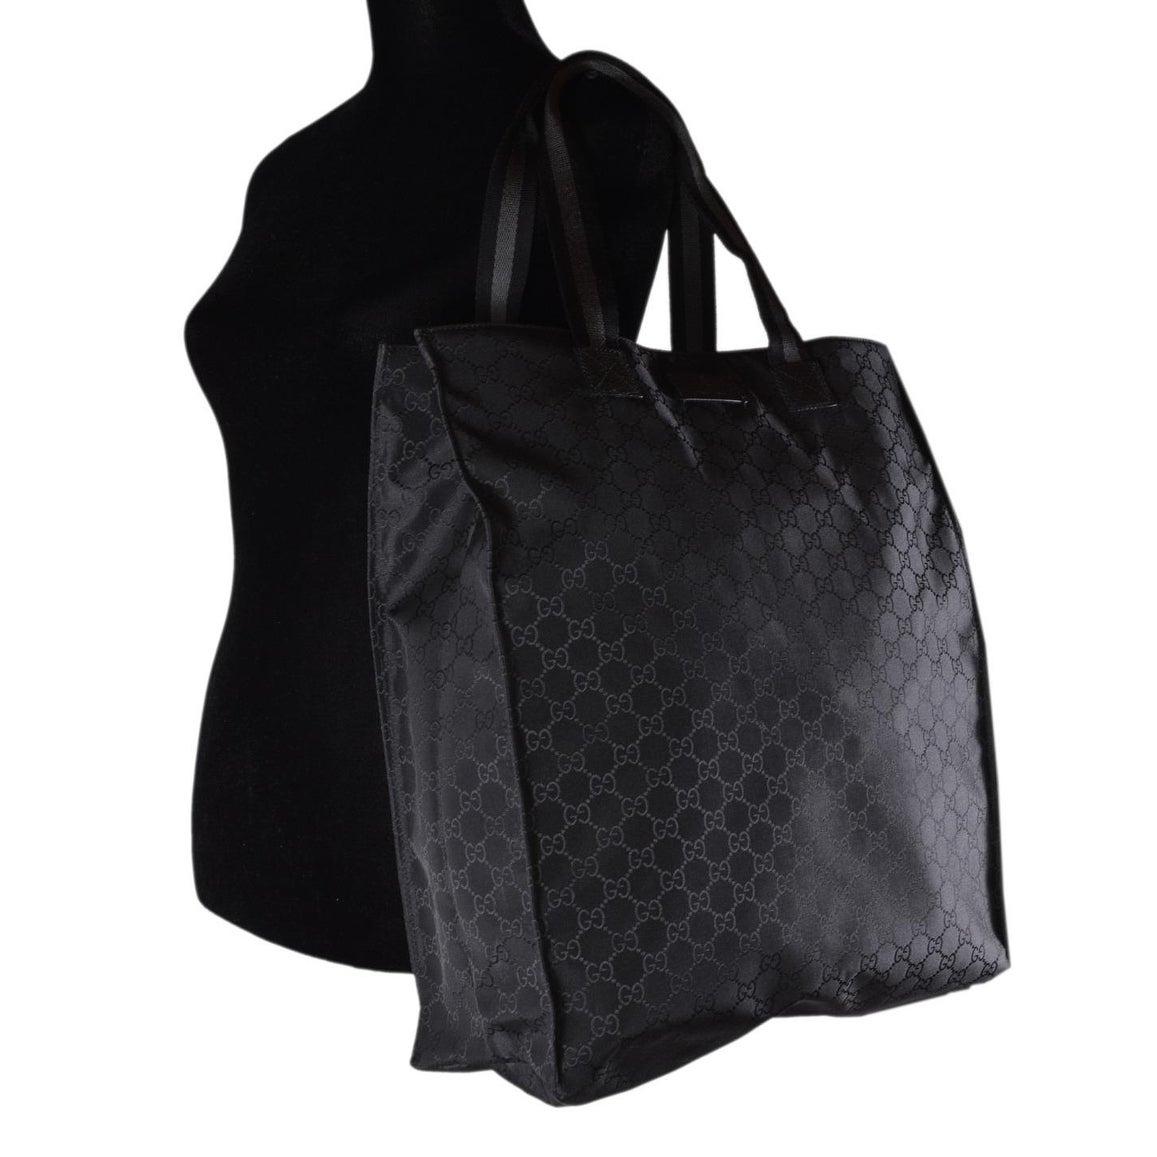 344fa5e5472 Shop Gucci 449177 Black Nylon Tonal GG Guccissima Top Handle Tall Tote Bag  Purse - Free Shipping Today - Overstock - 28443504